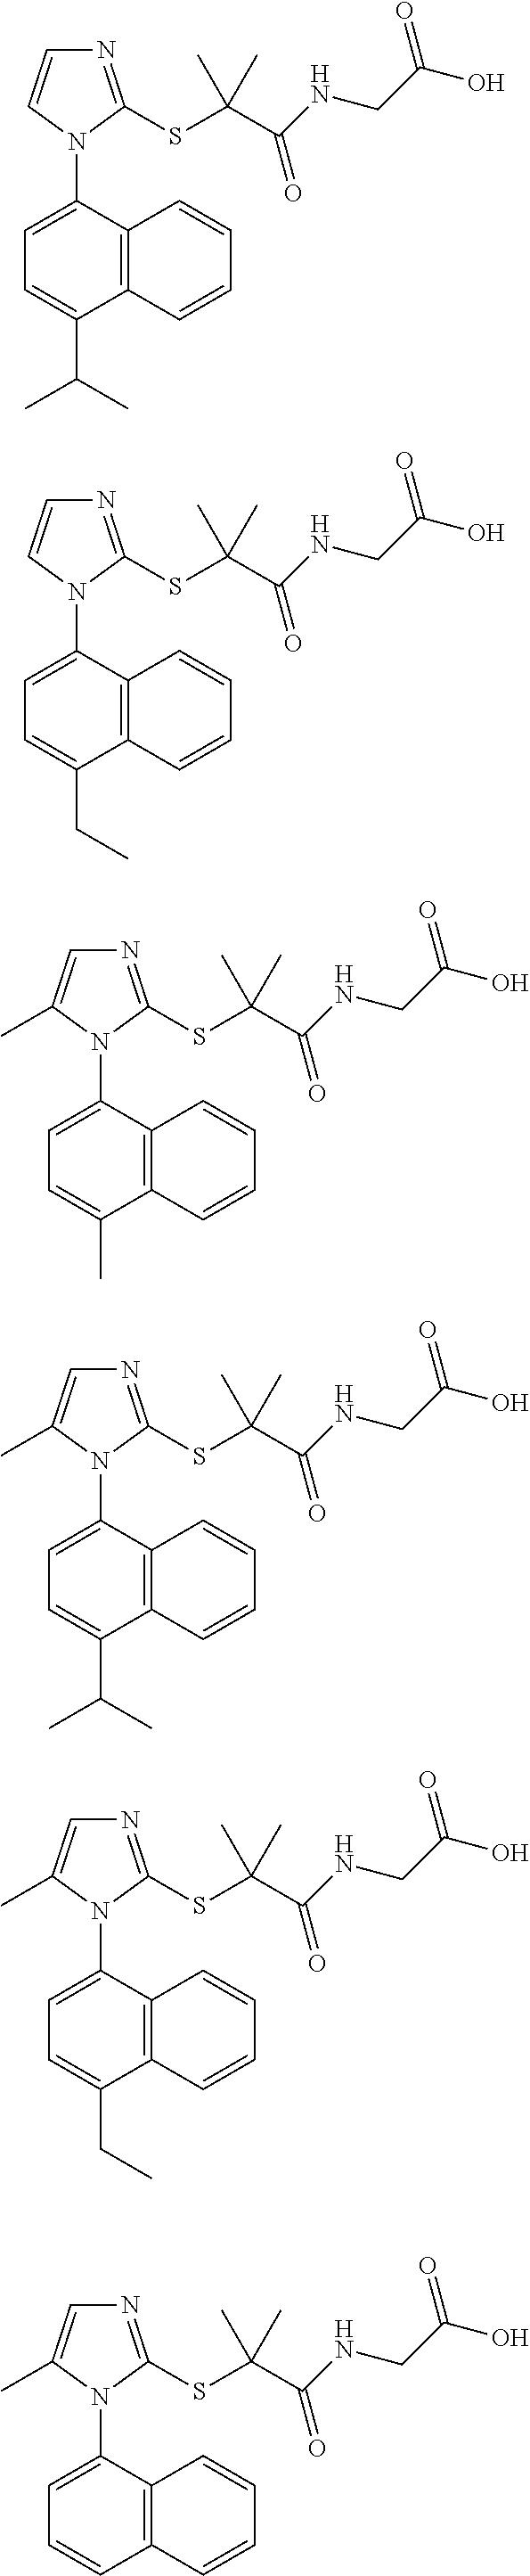 Figure US08283369-20121009-C00057